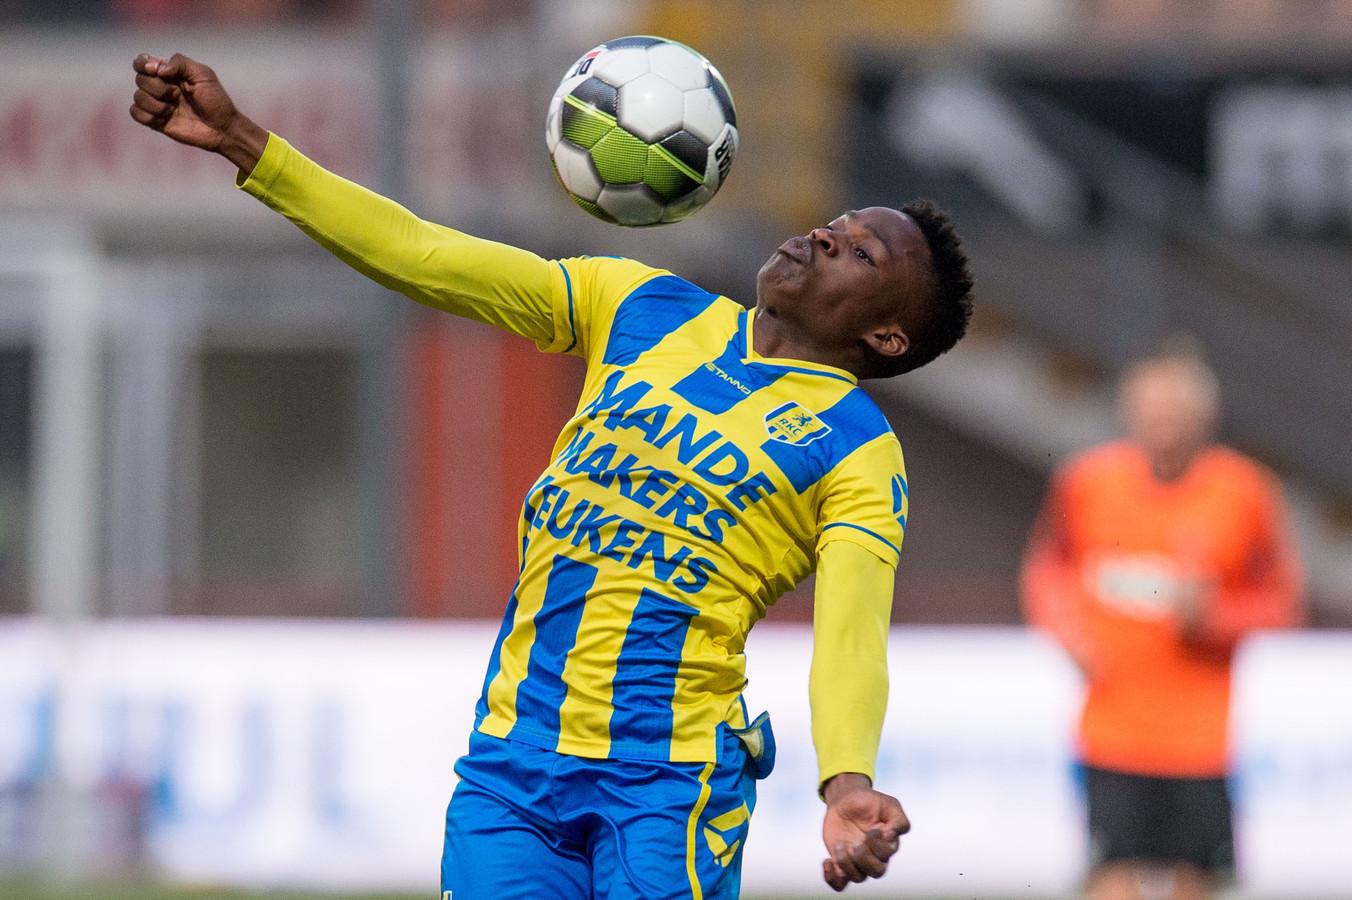 Robby Ndefe tijdens de wedstrijd van RKC Waalwijk in april tegen Volendam.